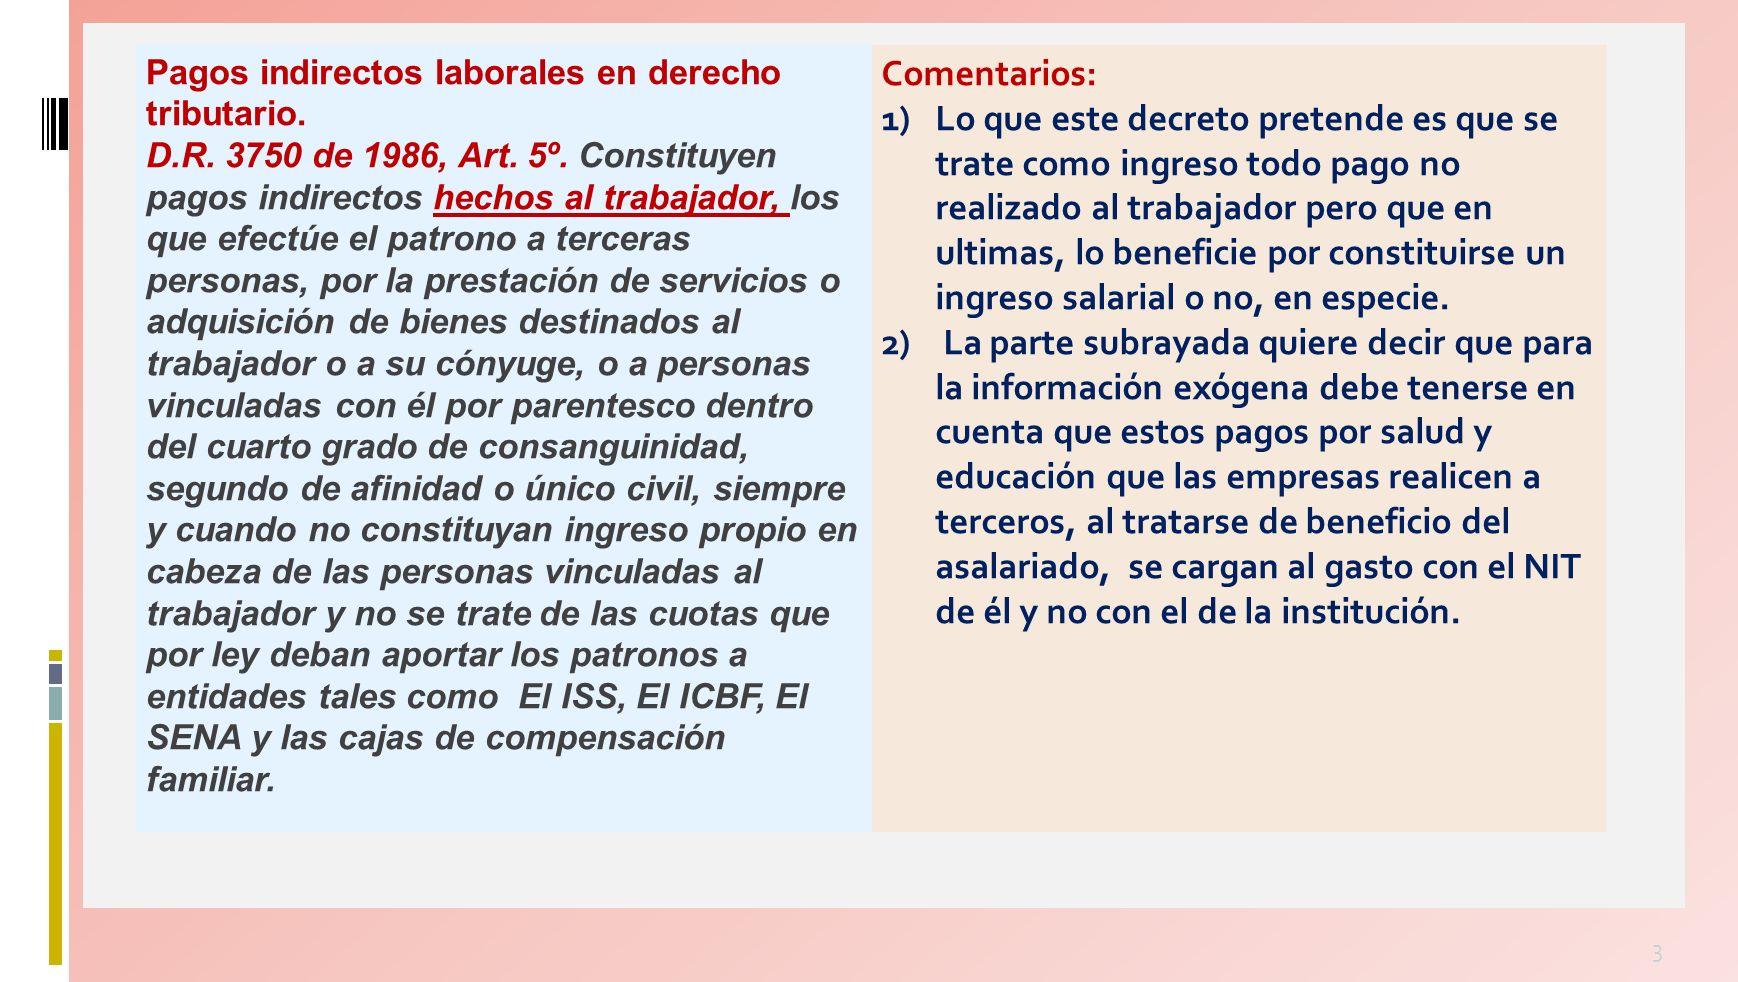 3 Pagos indirectos laborales en derecho tributario.